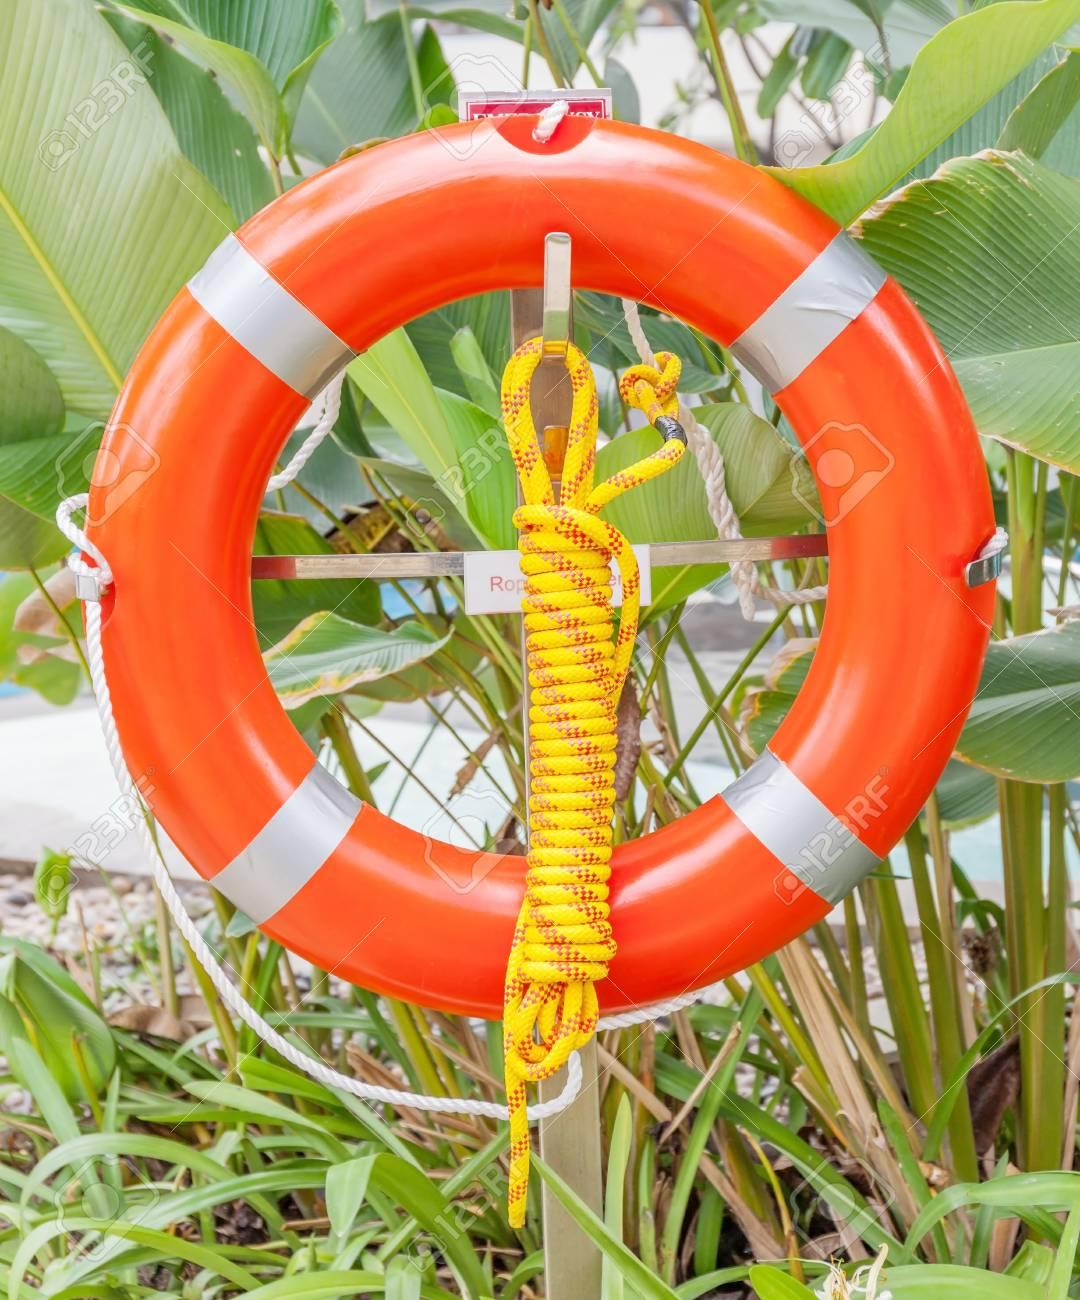 la bouée de sauvetage orange est suspendue autour de la piscine et le fond  d'arbre vert, concept de sécurité et de sauvetage.